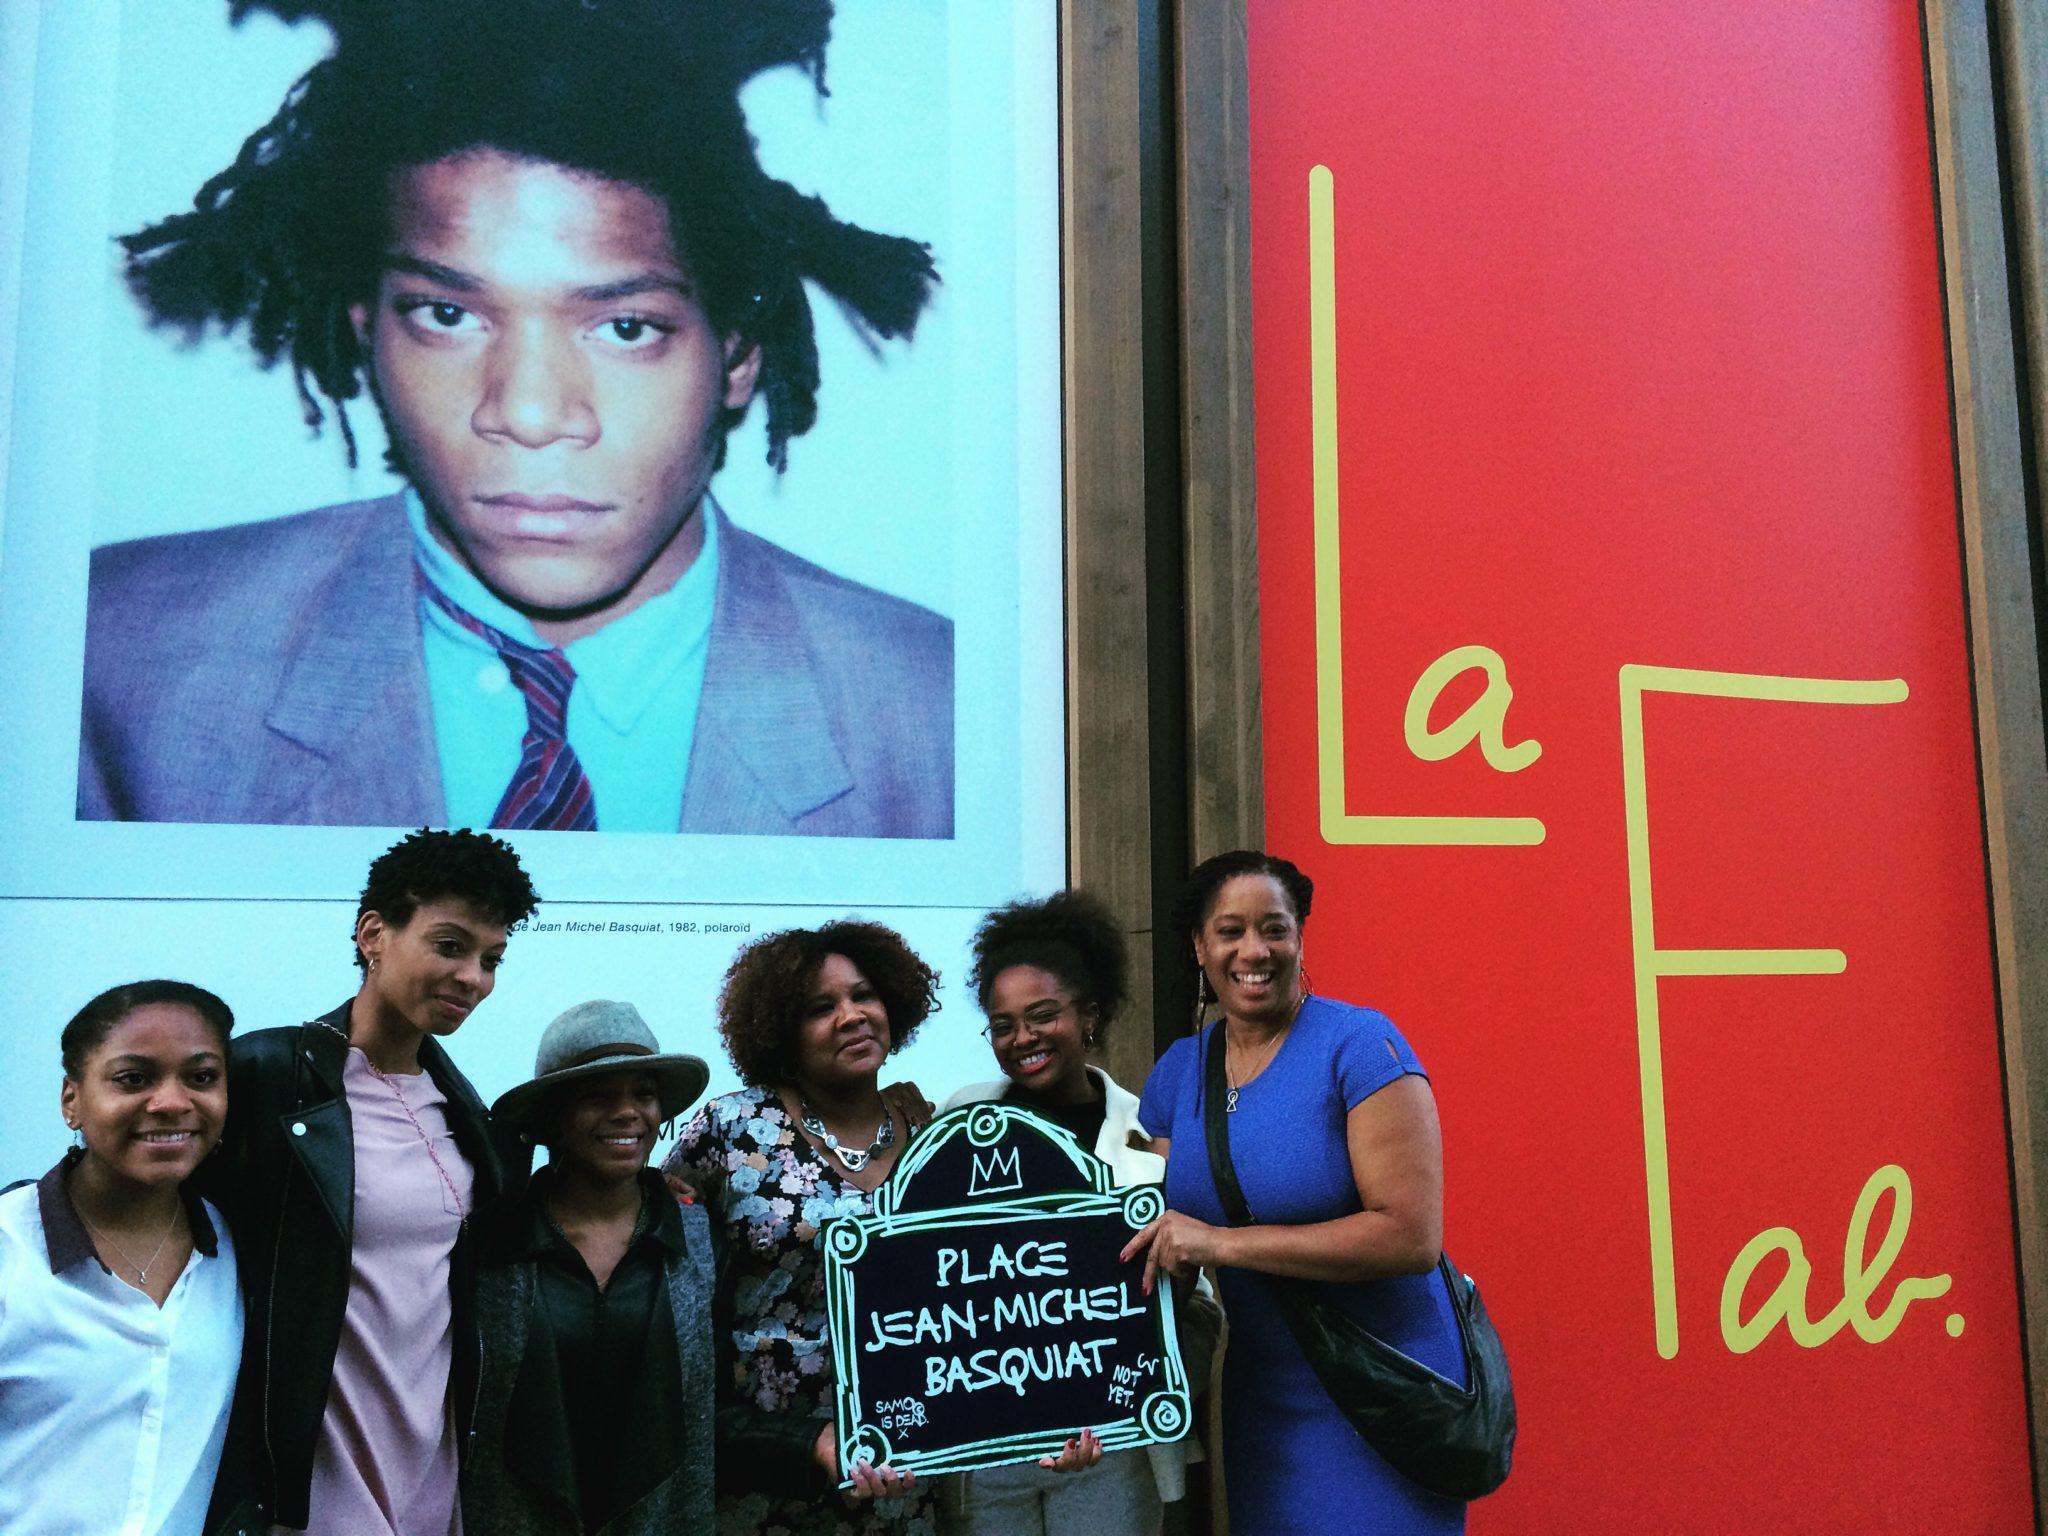 La famille Basquiat lors de l'inauguration de la Place Jean-Michel Basquiat. © Copyright La Fab. The Basquiat family during the inauguration of Place Jean-Michel Basquiat. © Copyright La Fab.